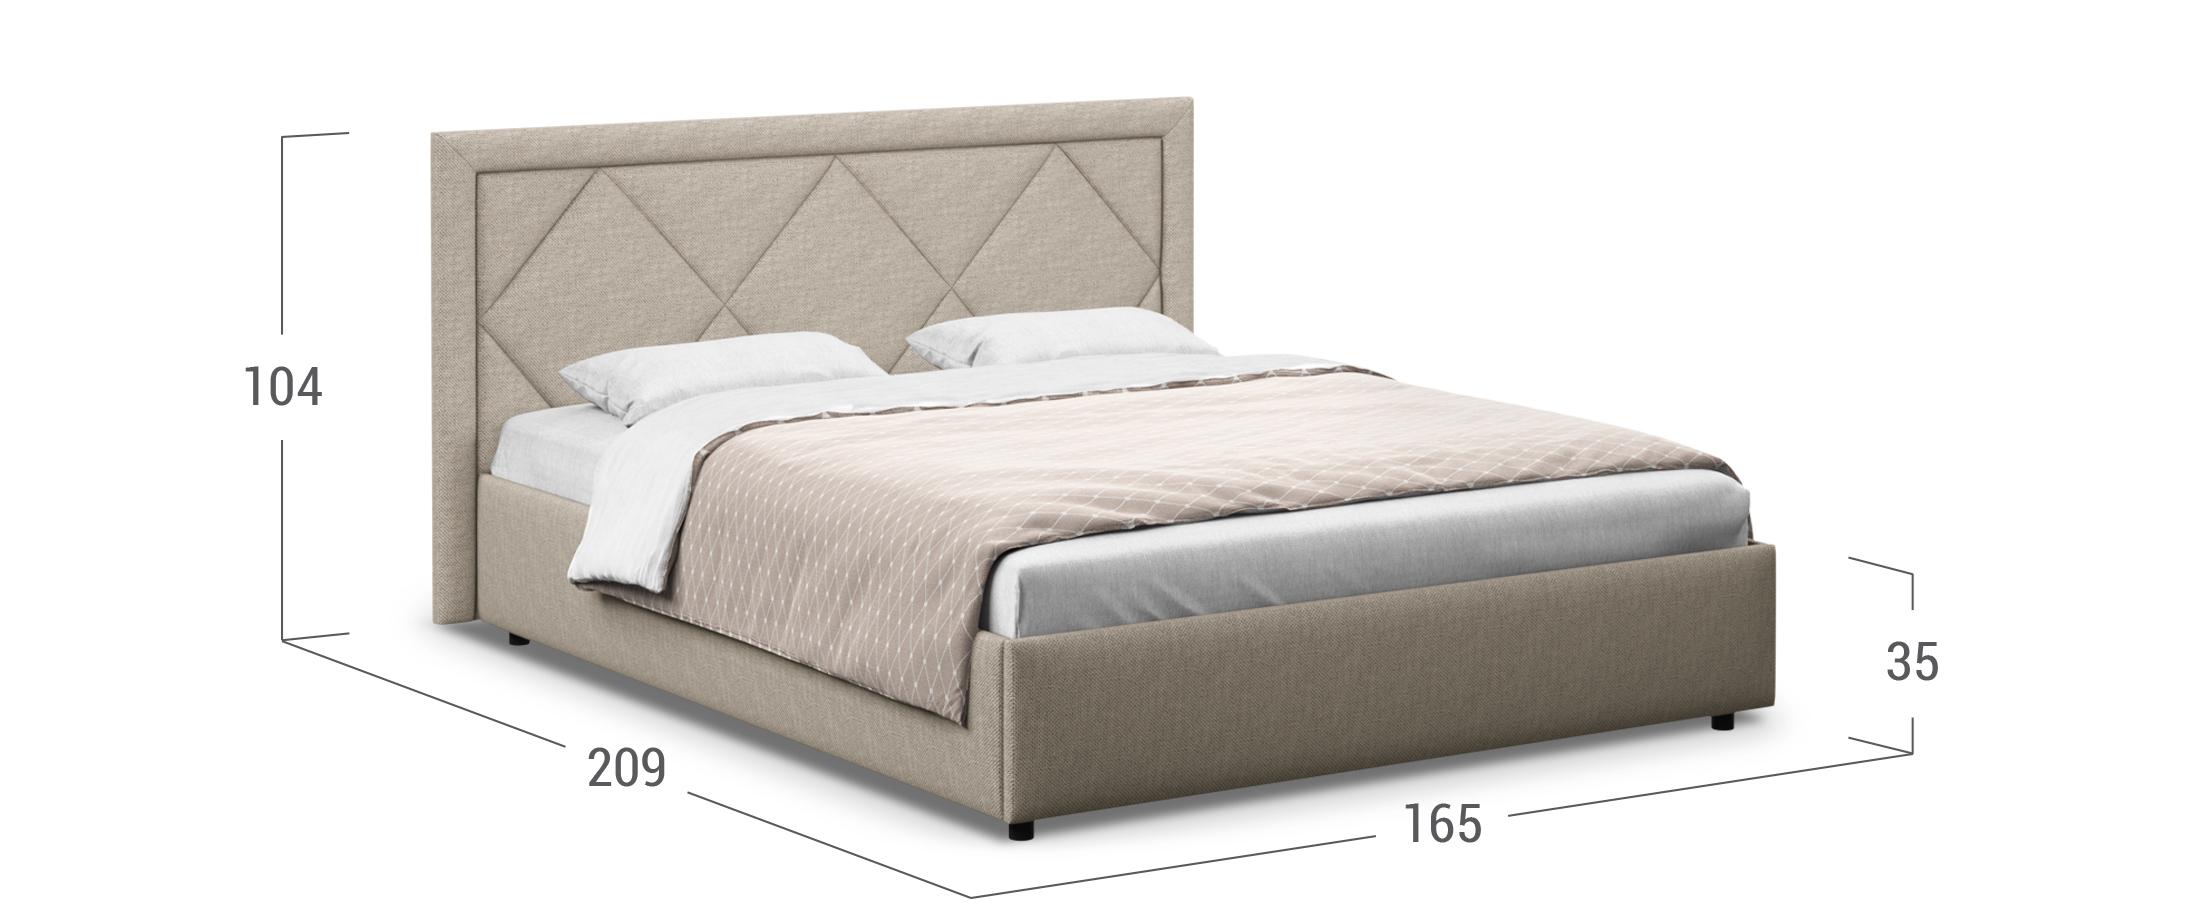 Кровать двуспальная Доменика 140х200 Модель 1203